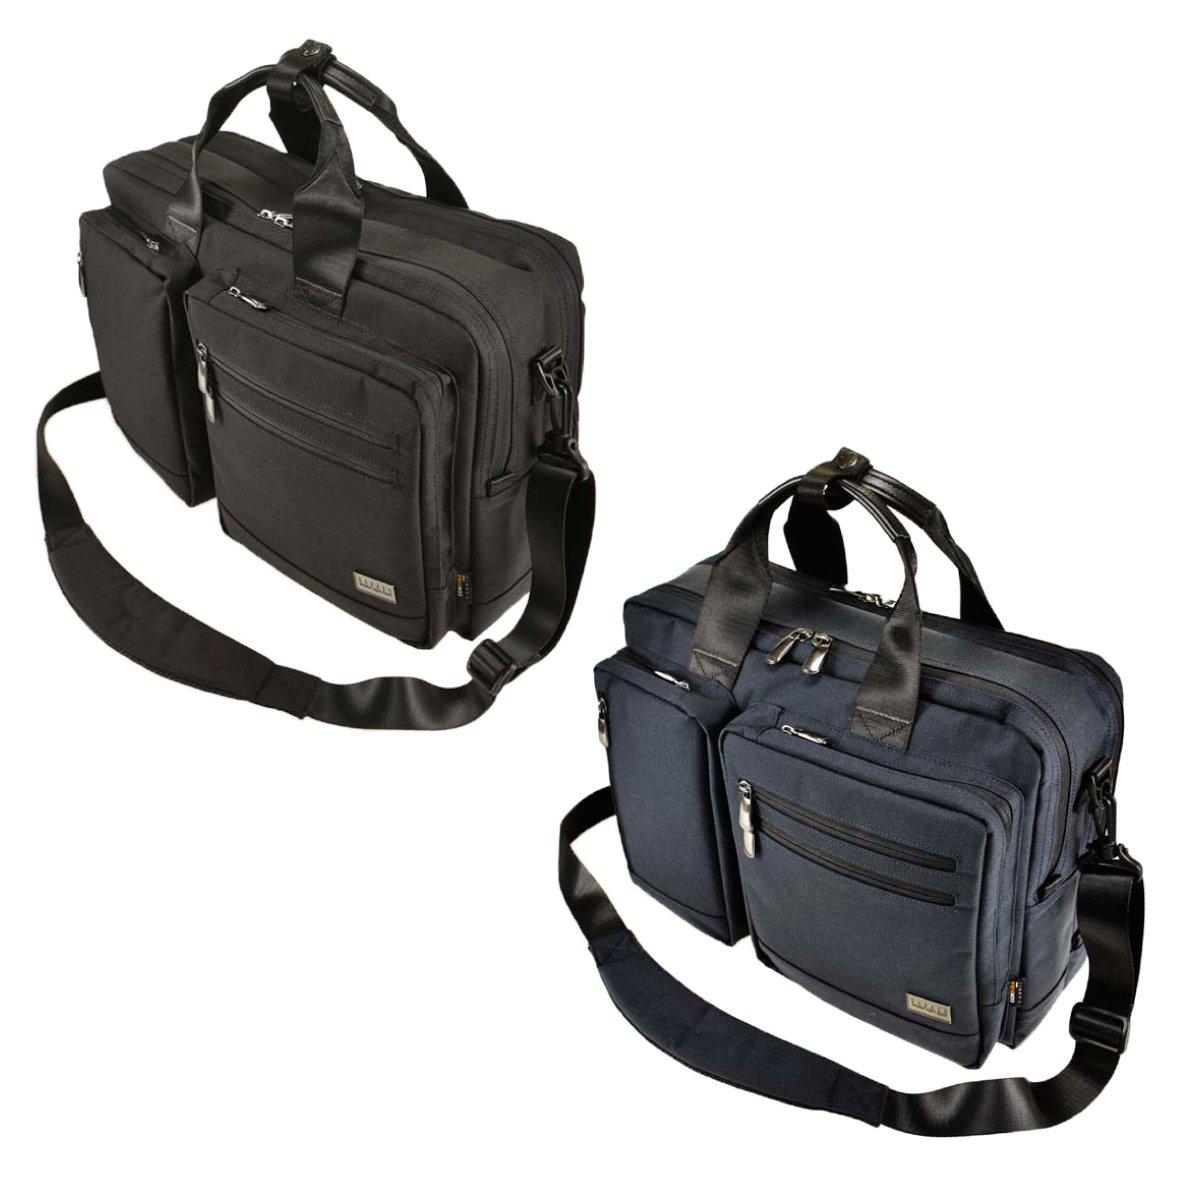 ブリーフケース メンズ 3way ビジネスバッグ 仕事 バジェックス コマンド ブリーフケース 3WAY L 23-5604 B078ZH2M44 ブラック